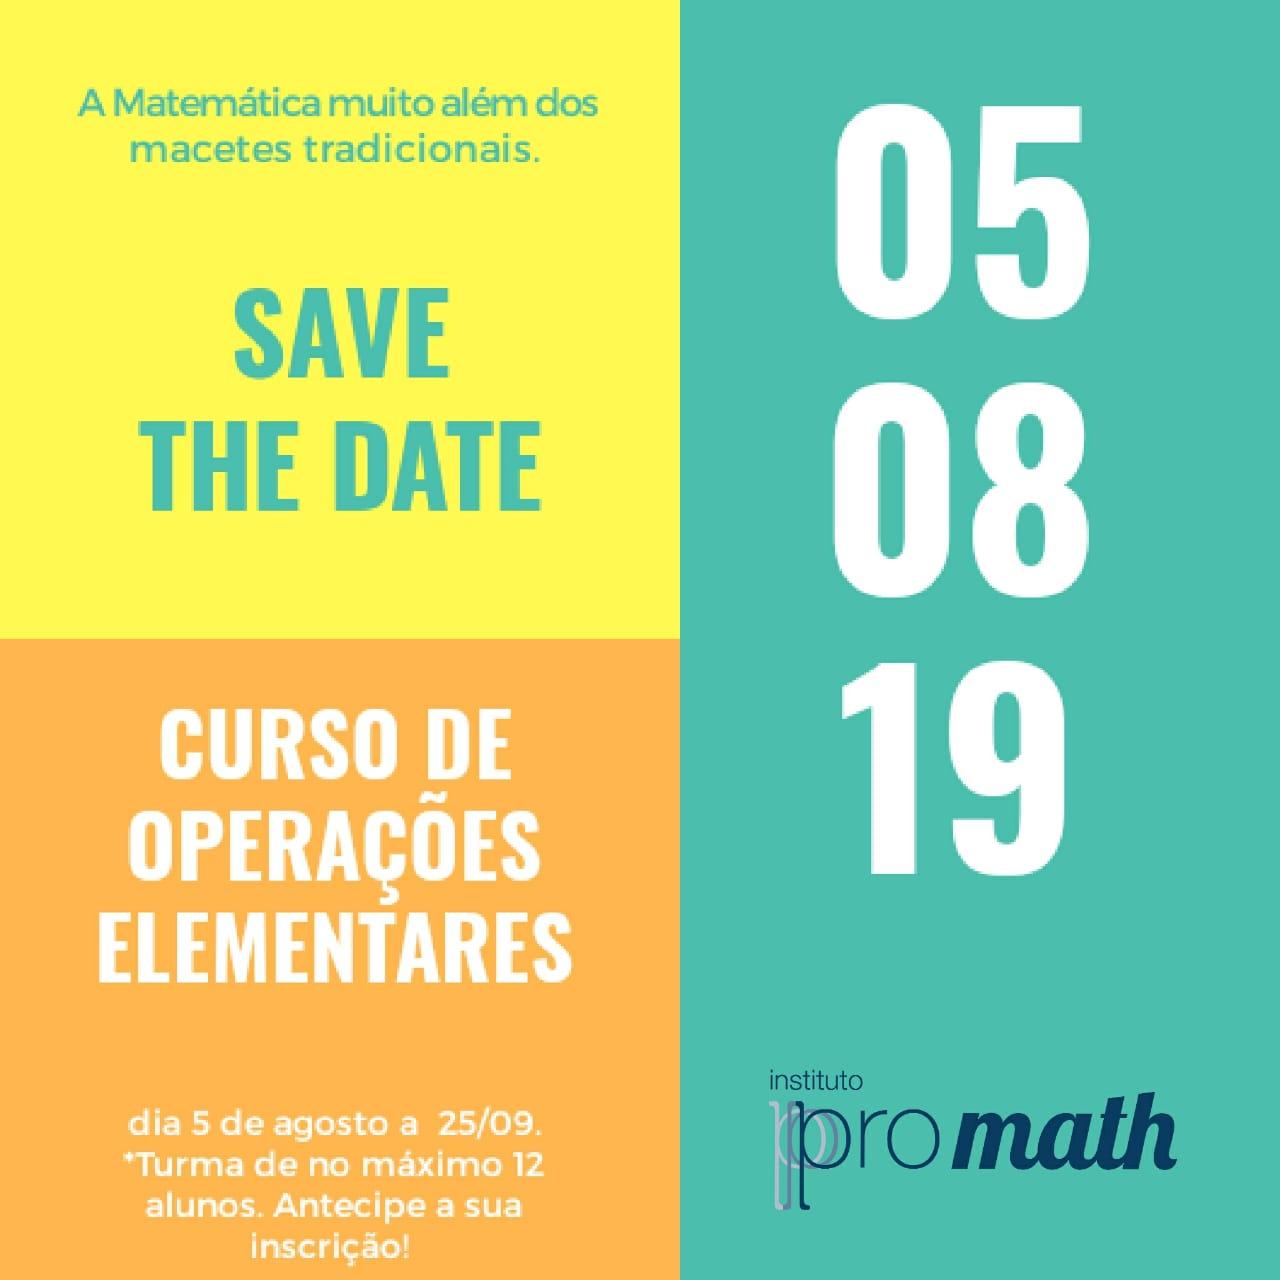 Curso De Operações Elementares Promath: A Matemática Muito Além Dos Macetes Tradicionais!